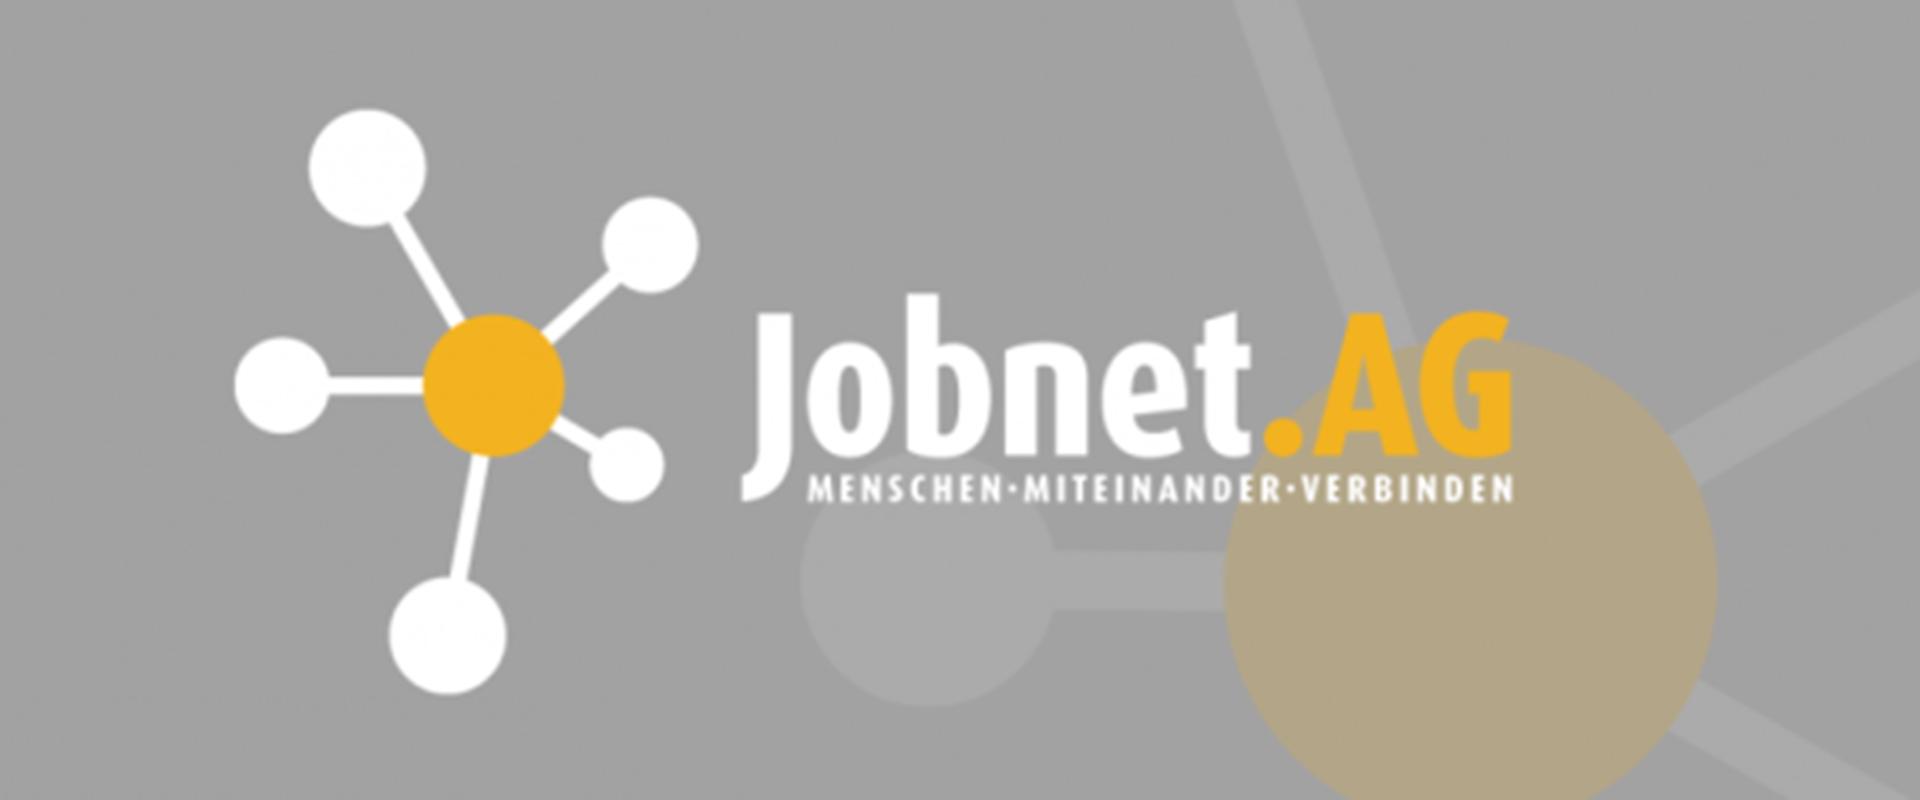 Jobnet.ag Menschen miteinander verbinden der MEDIAN Kliniken